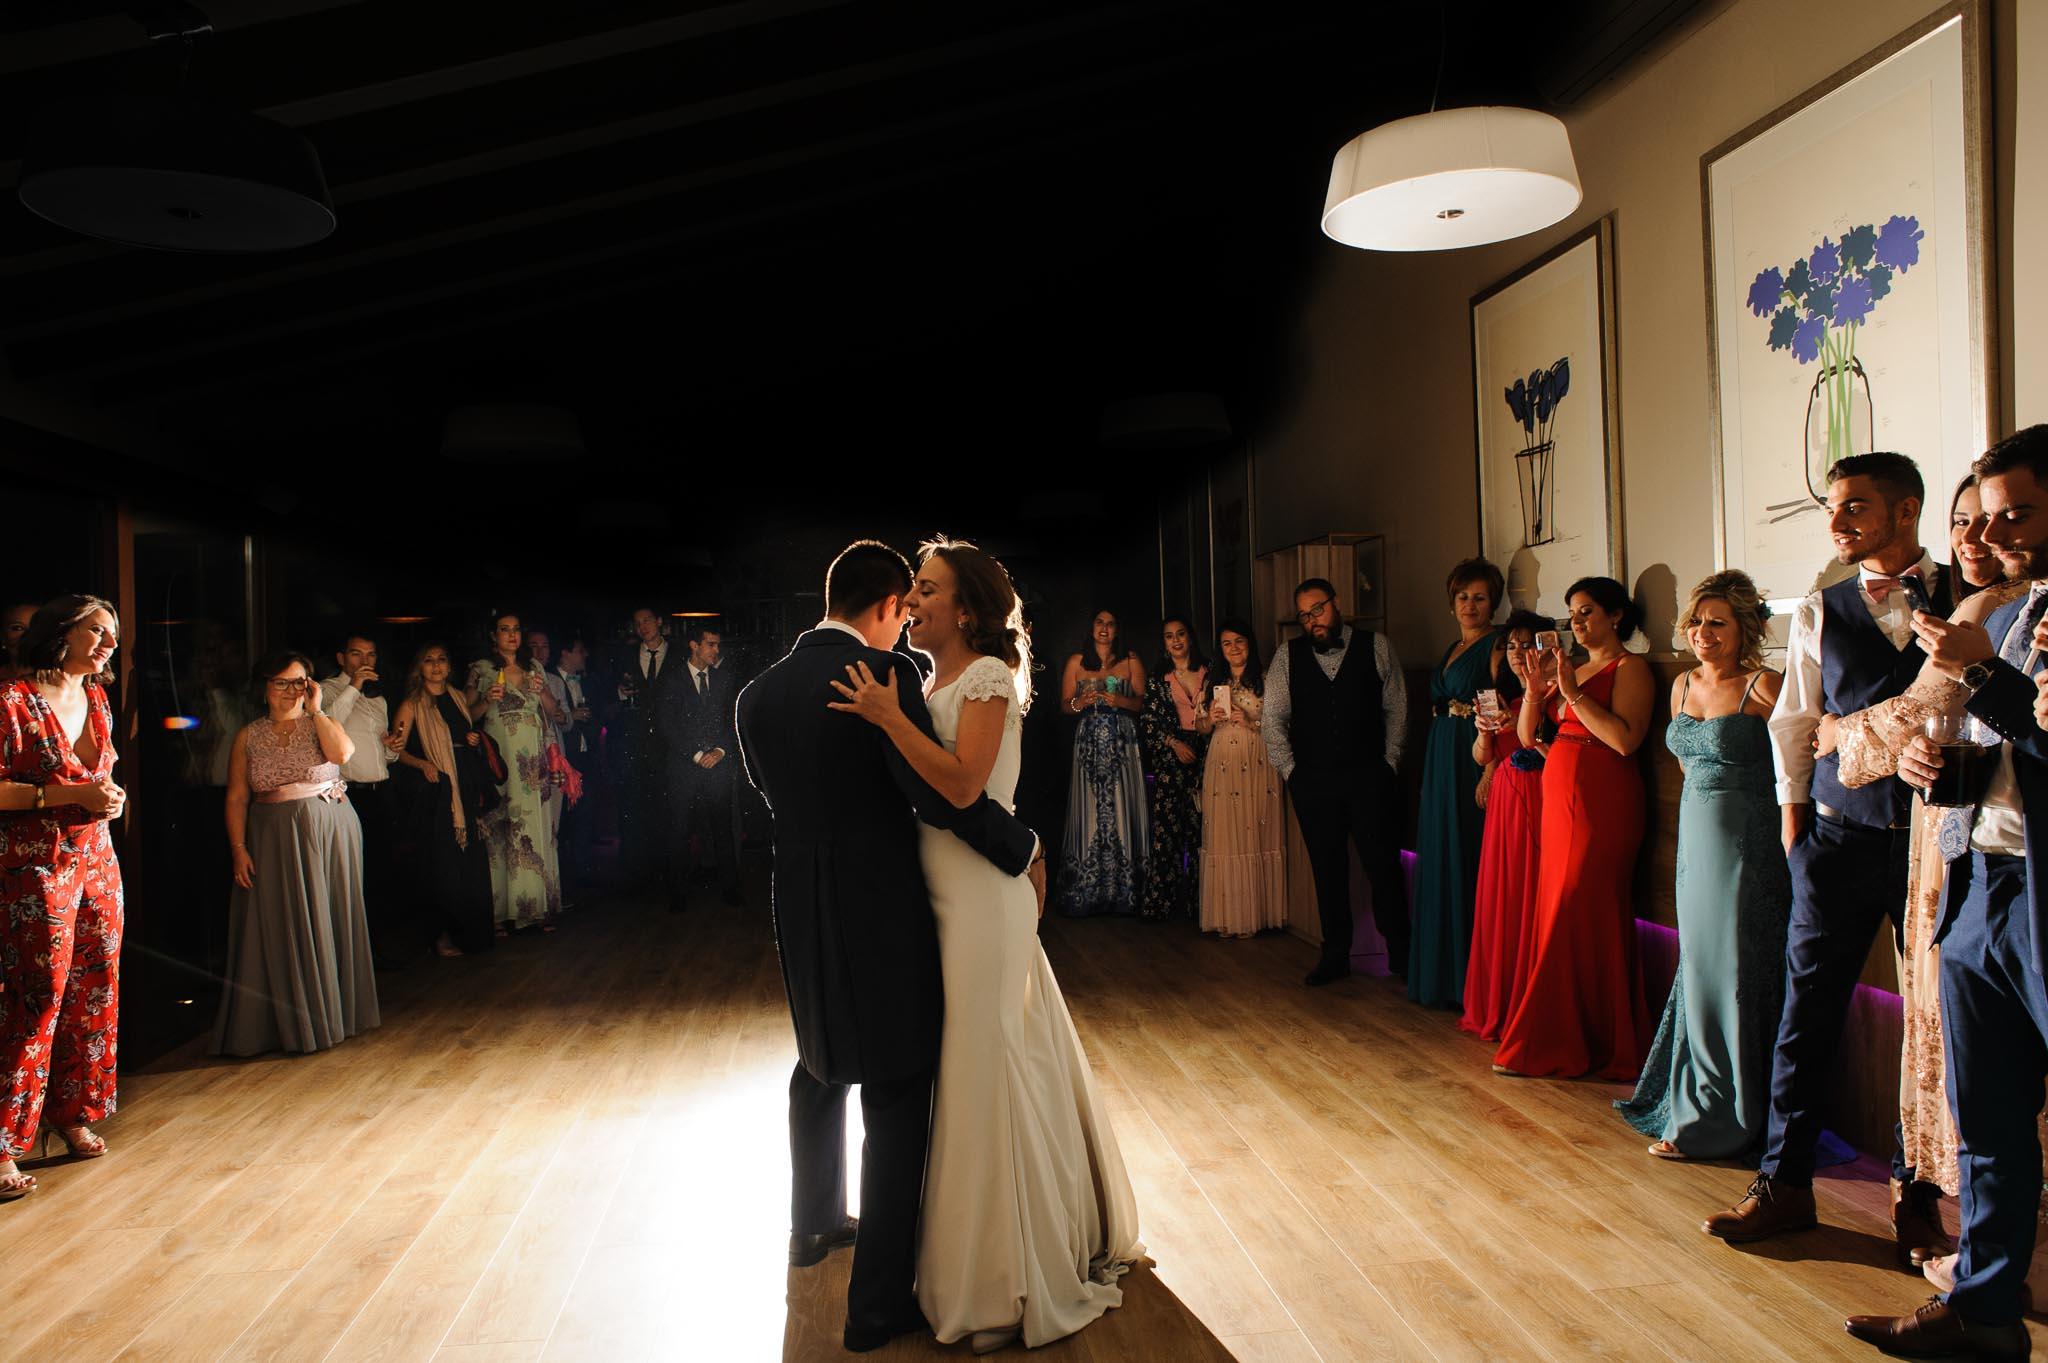 fotografos-de-boda-en-toledo-fran-solana-fotografo-de-bodas-10